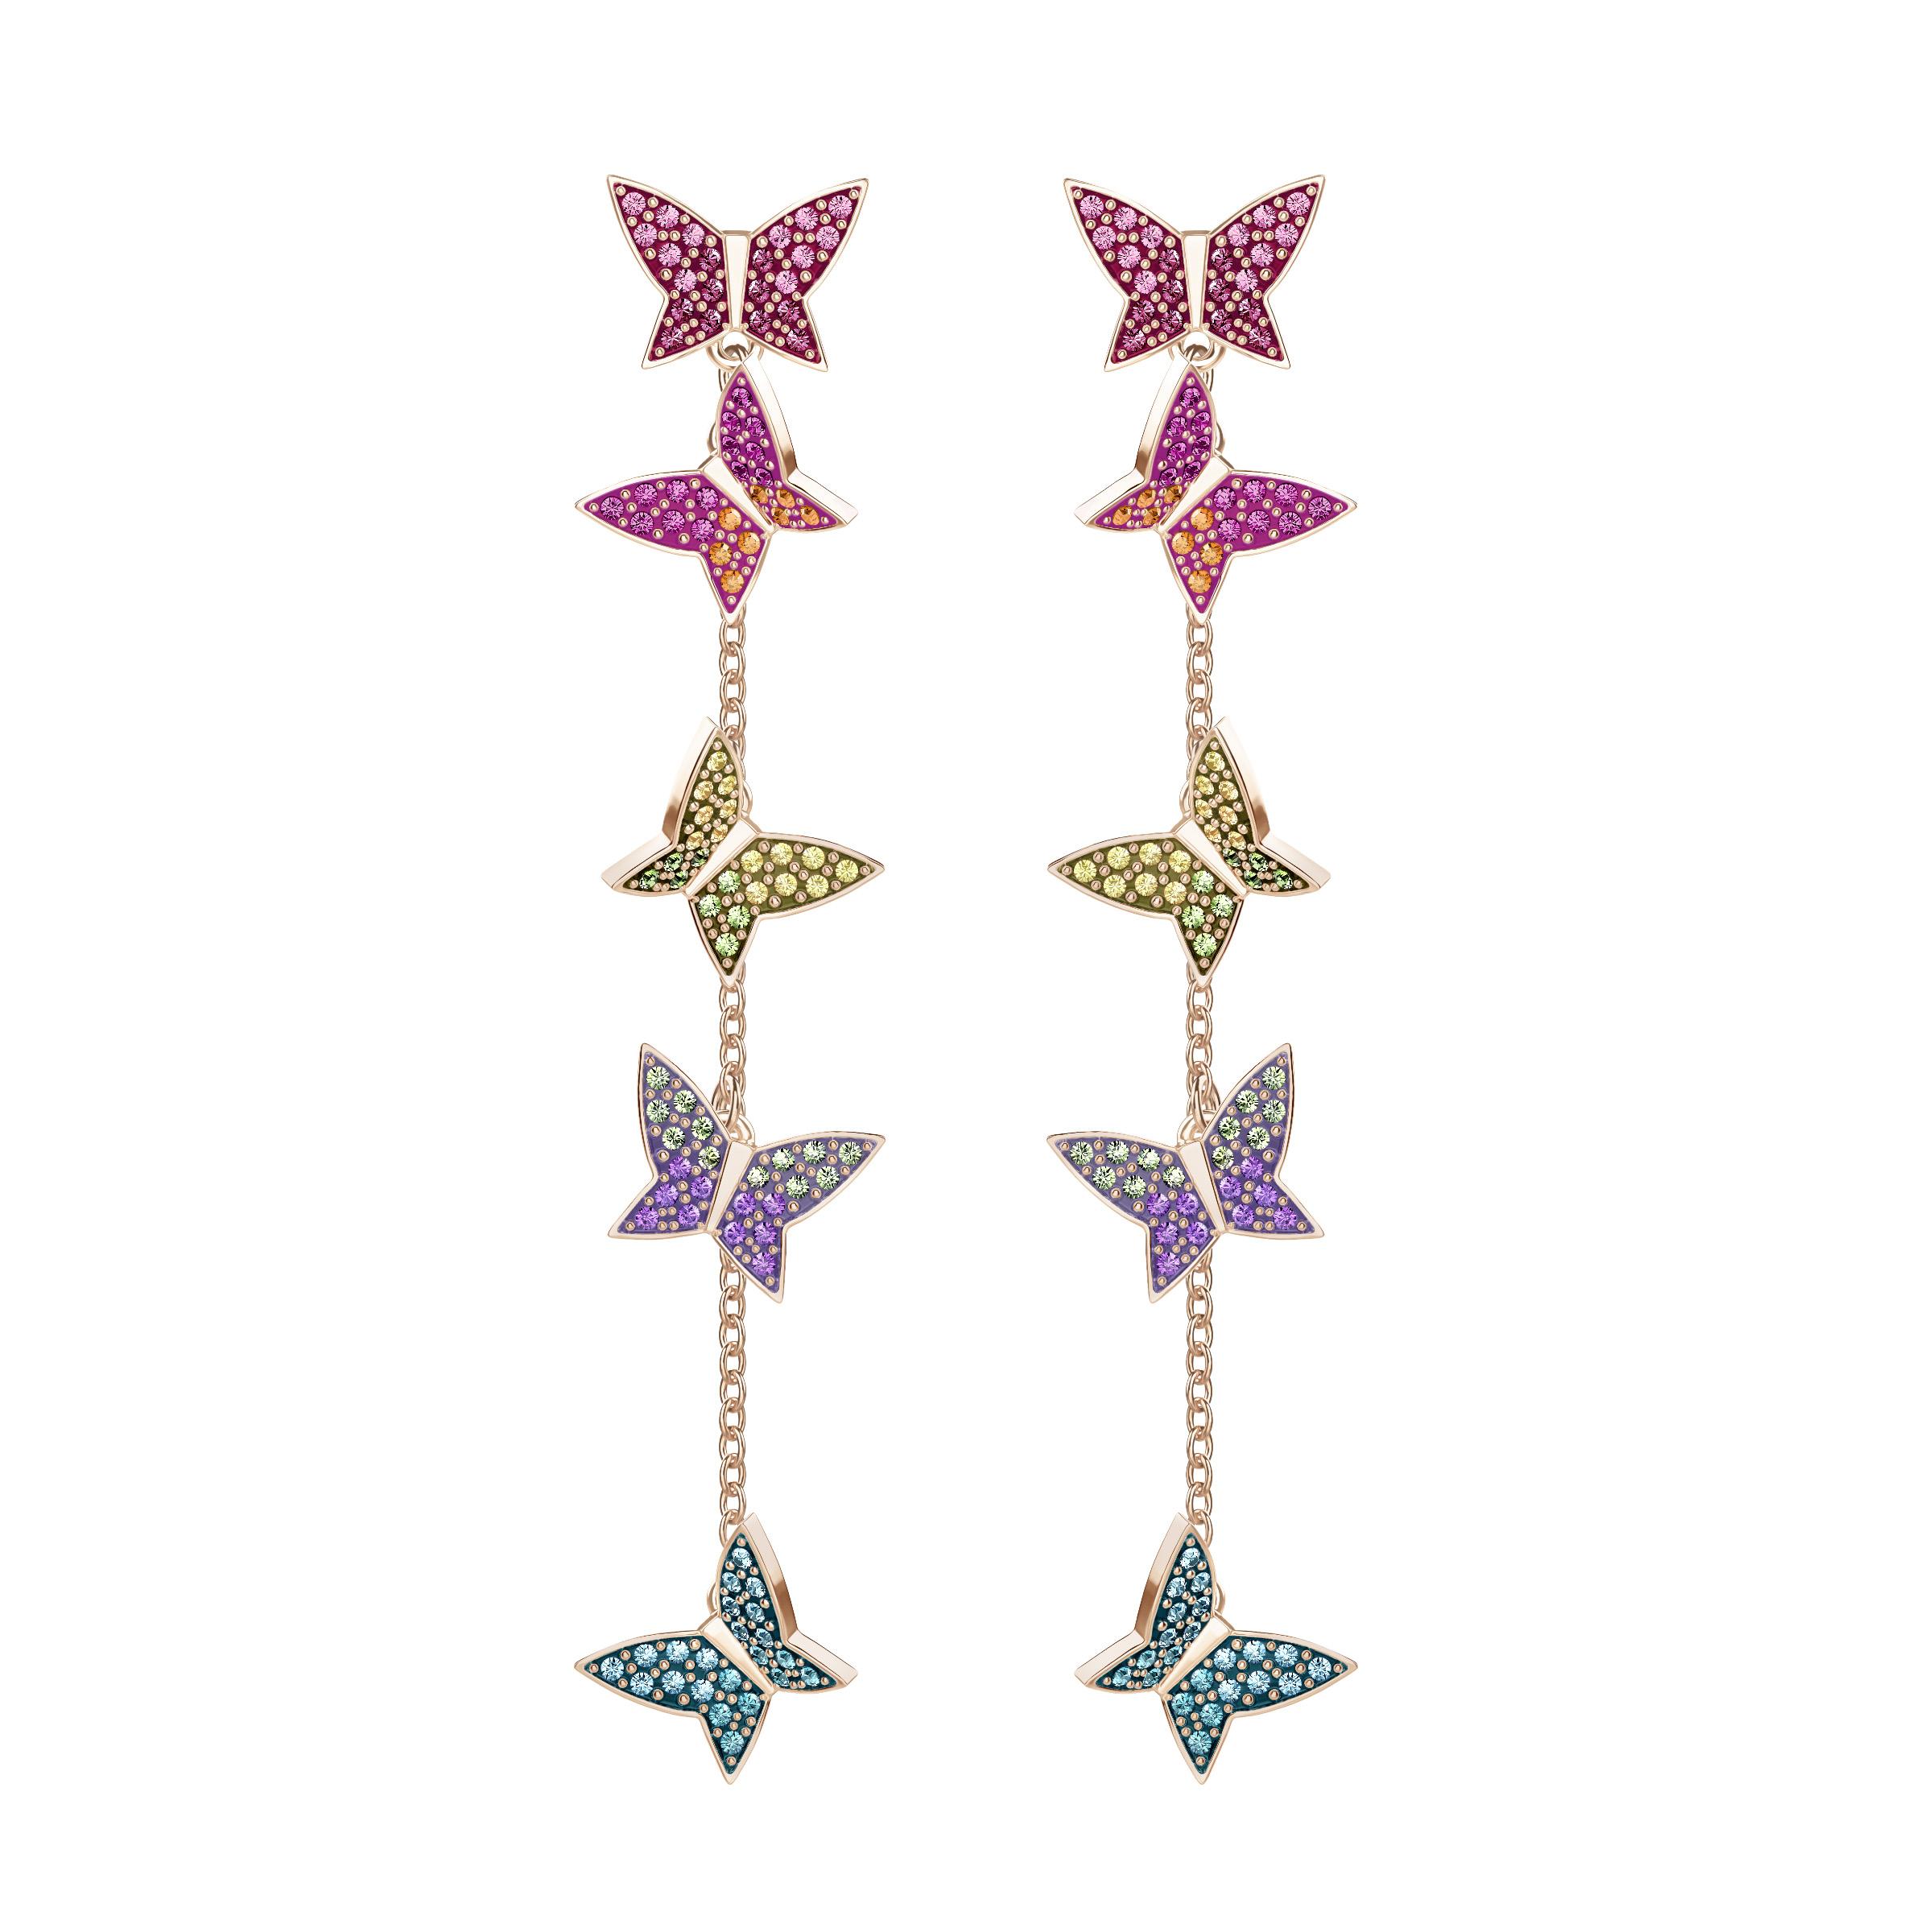 Boucles d'oreilles Swarovski LILIA, MULTICOLORE, PLAQUÉ OR ROSE